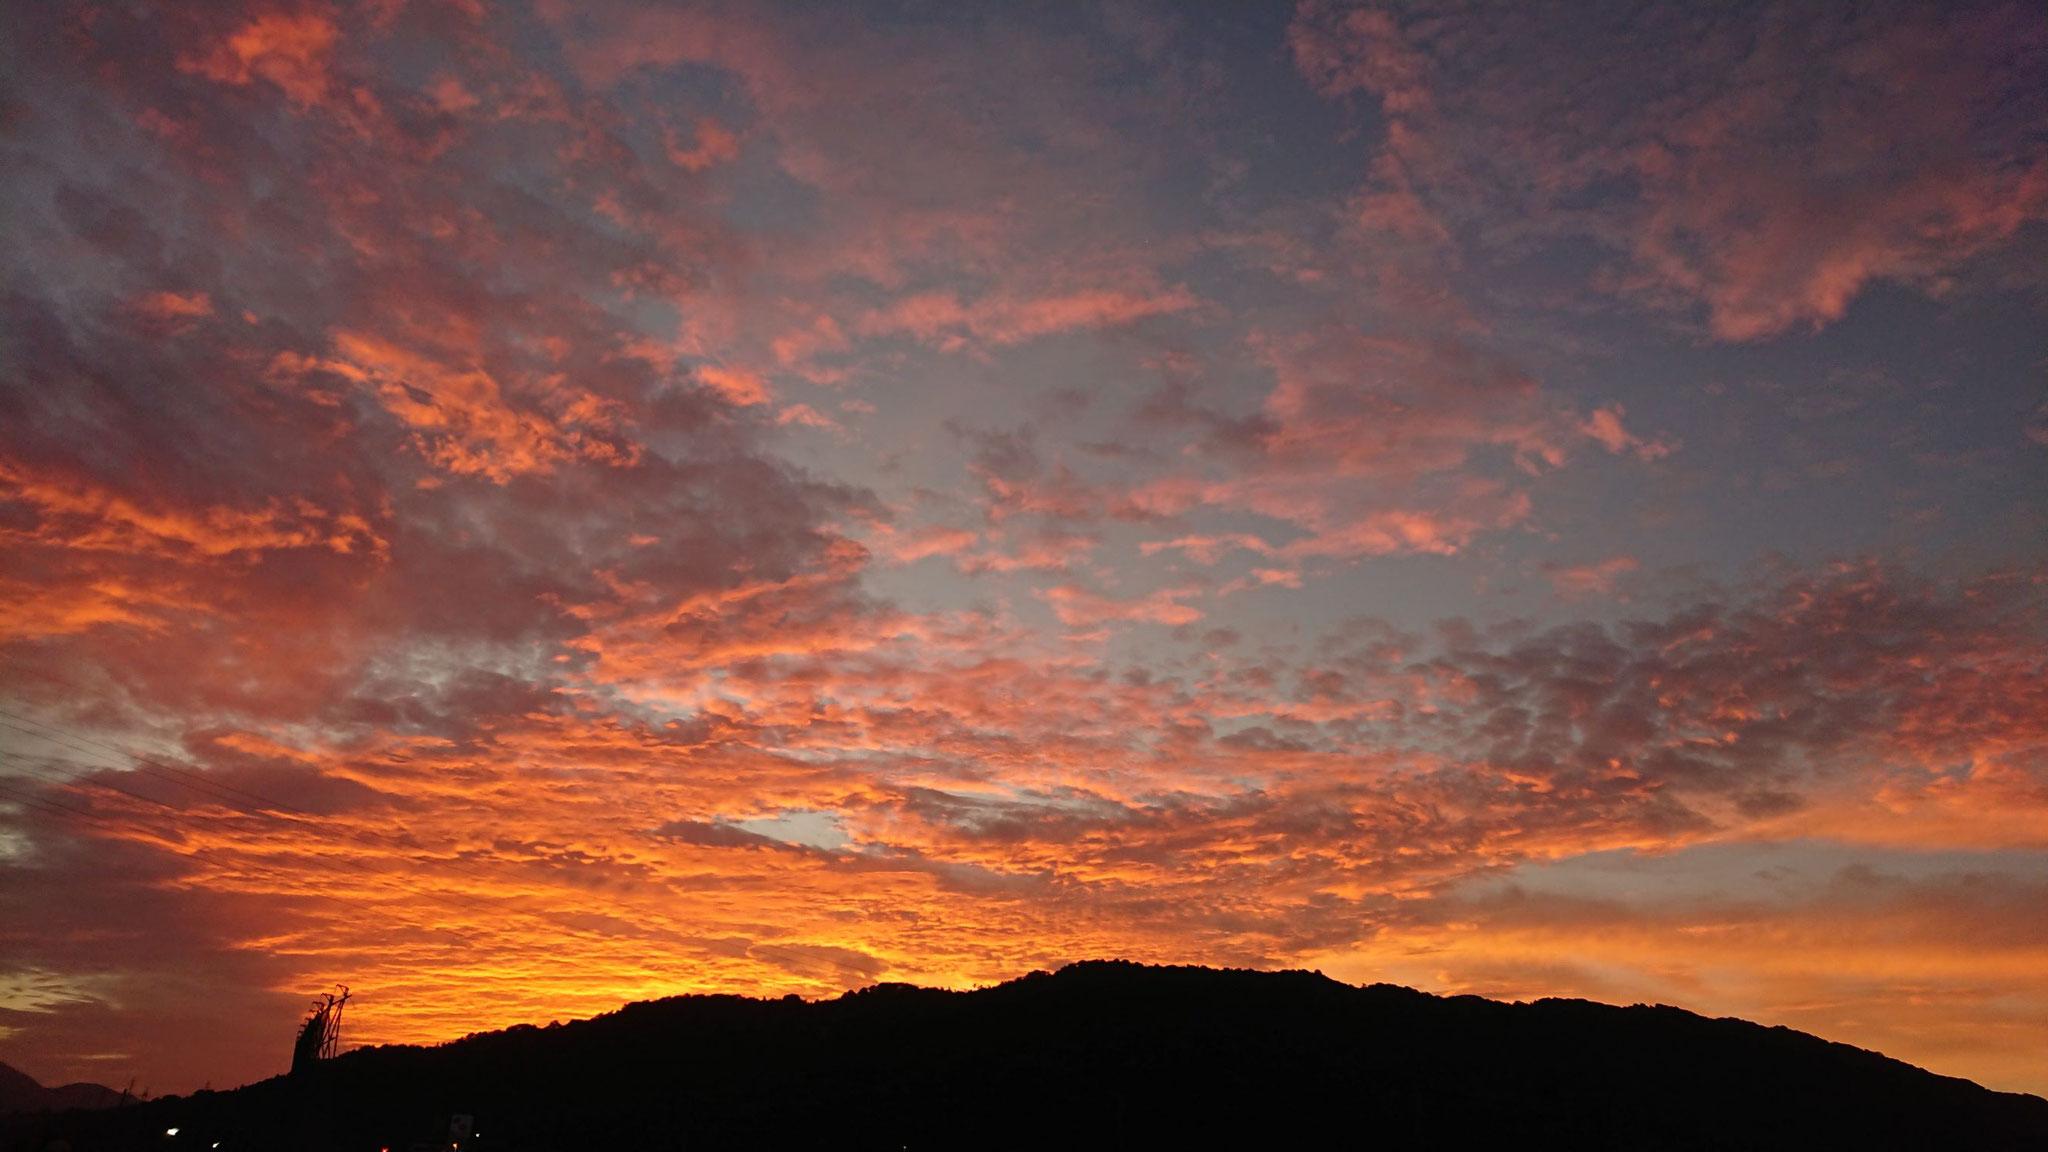 梅雨明け前の朝日   8月12日 午前5時20分